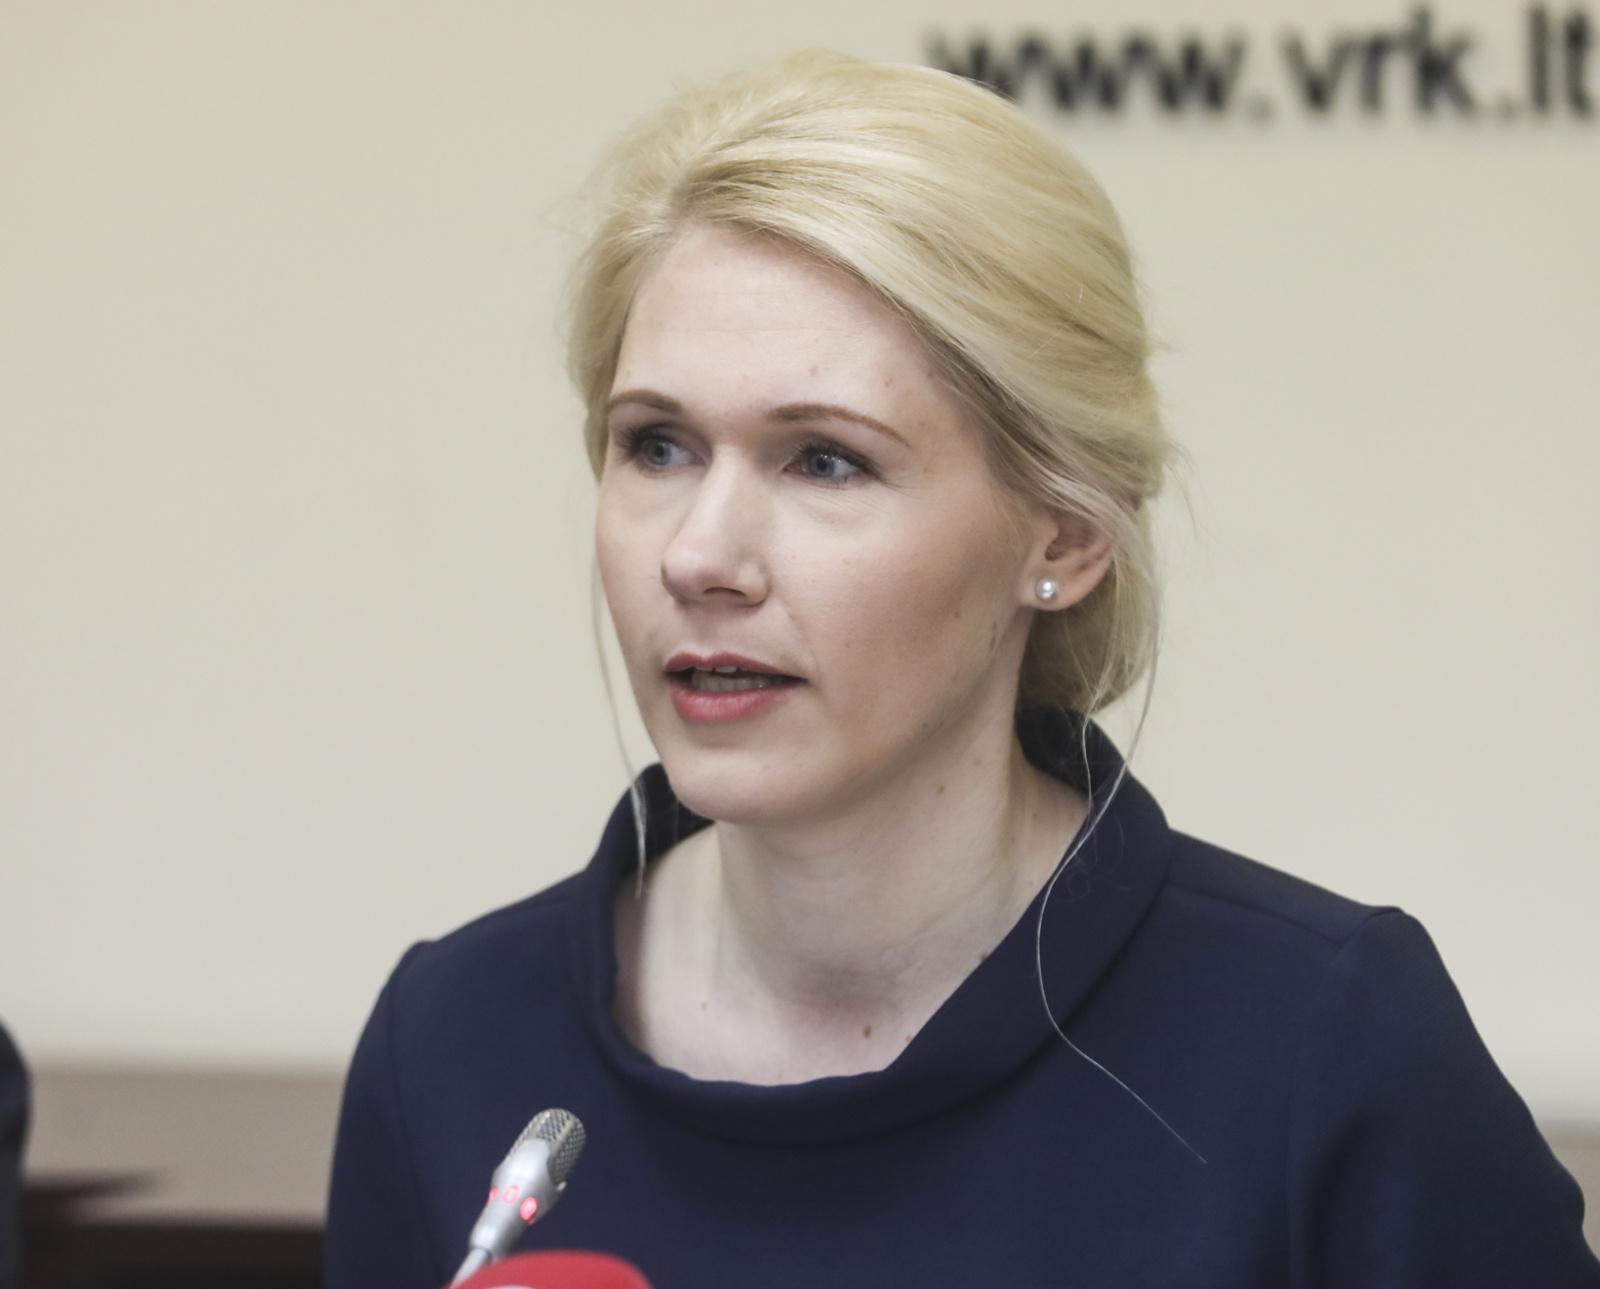 VRK pirmininkė: antrasis rinkimų turas bus dar labiau įtemptas